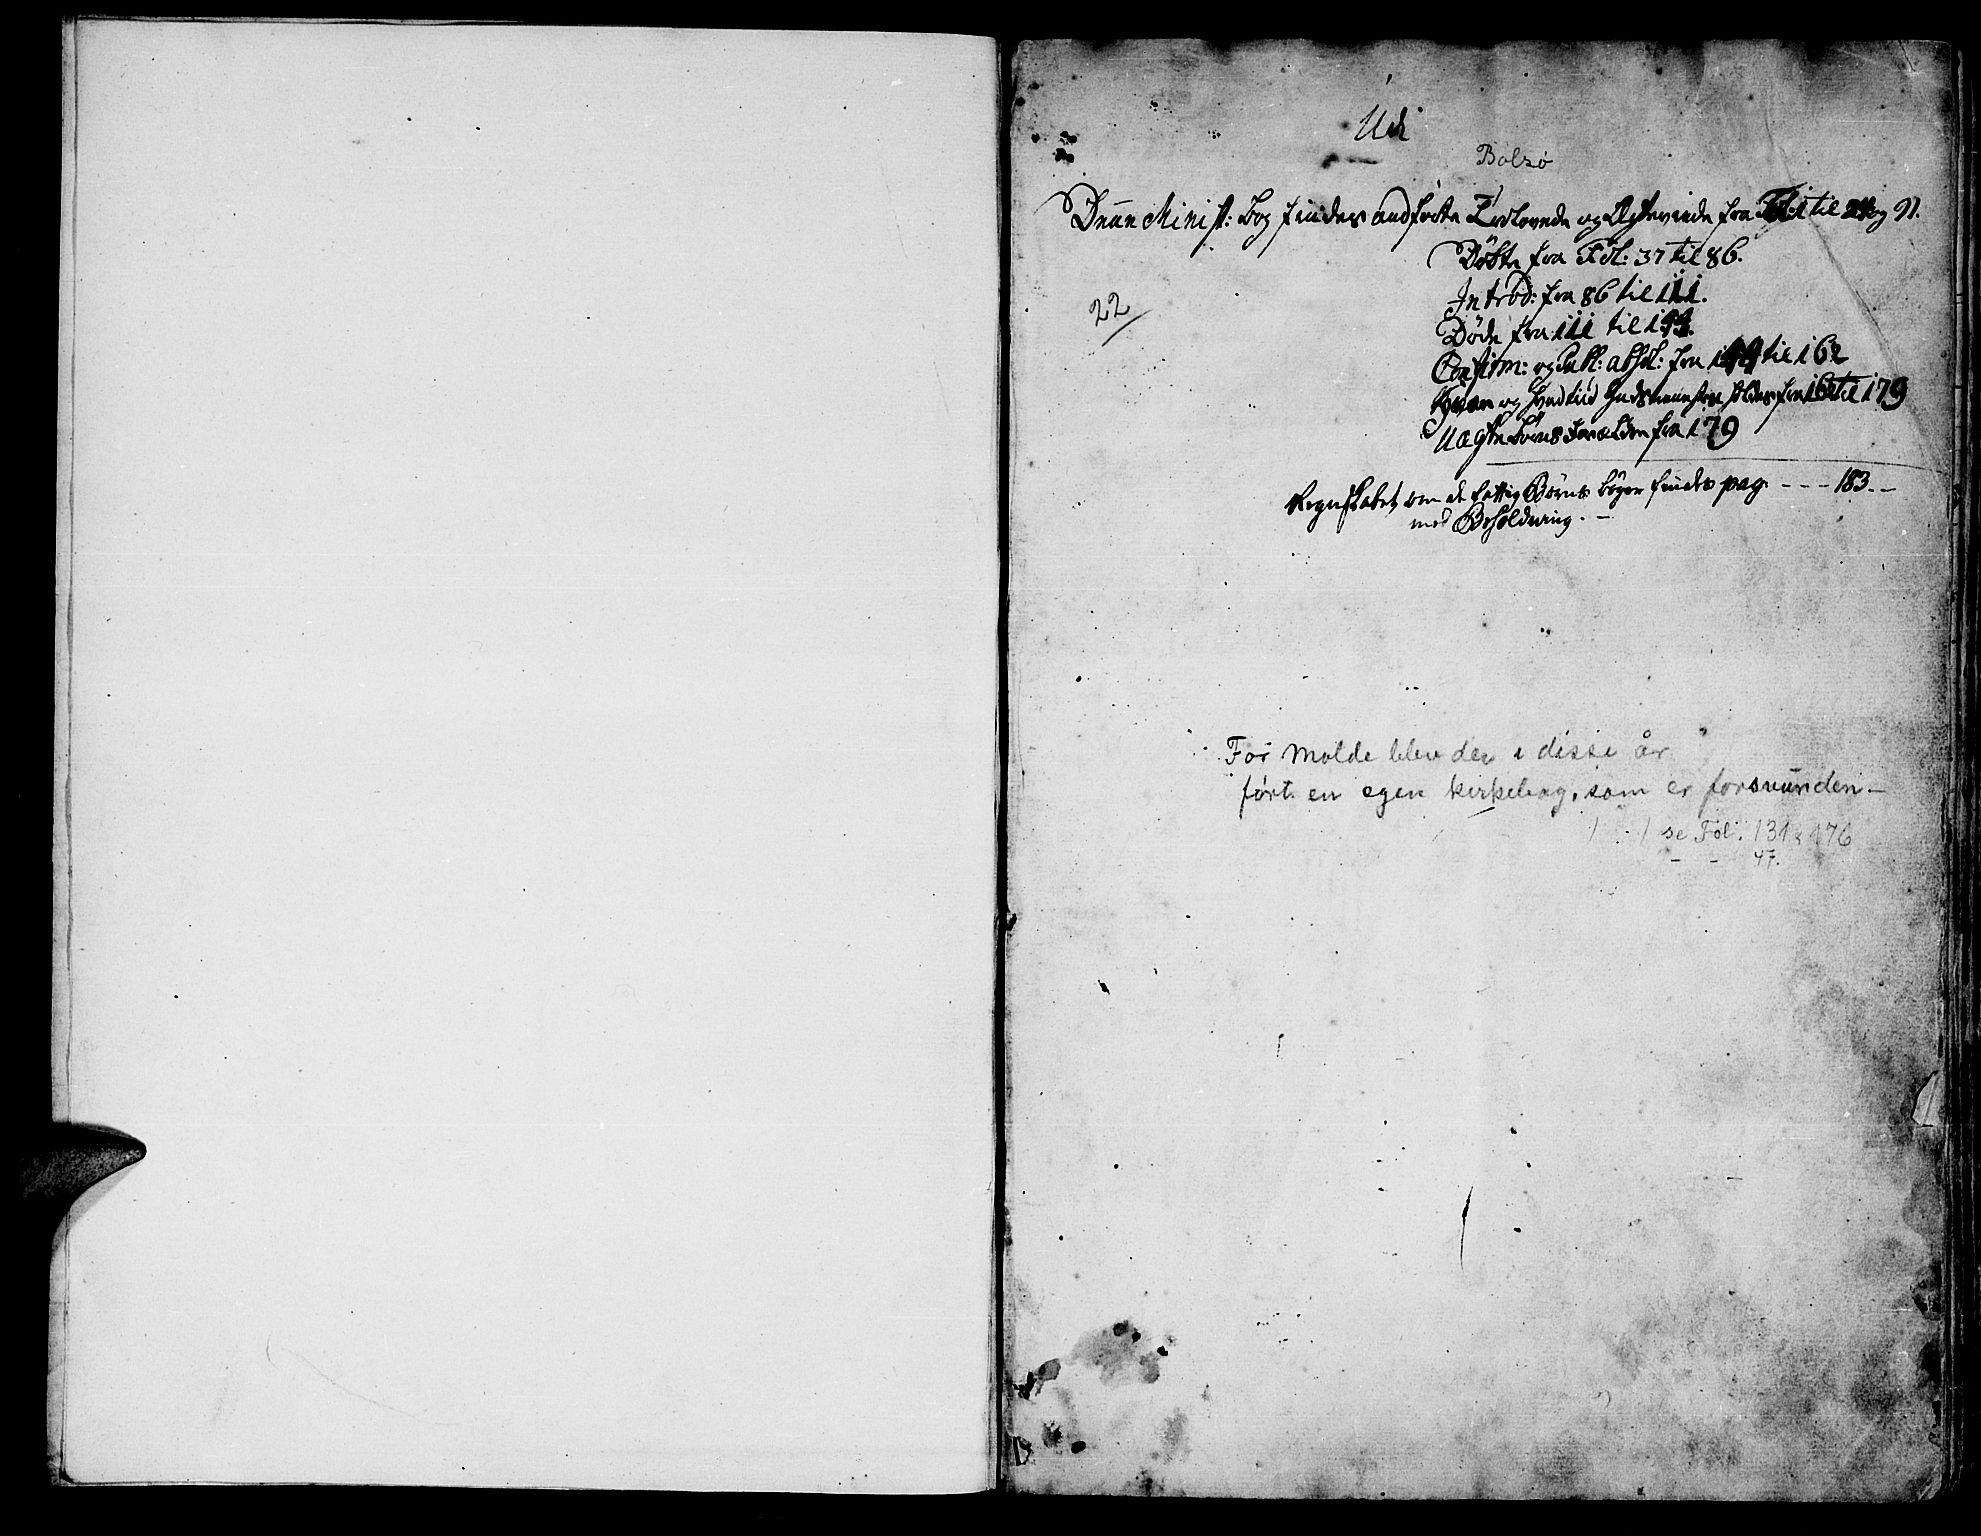 SAT, Ministerialprotokoller, klokkerbøker og fødselsregistre - Møre og Romsdal, 555/L0648: Ministerialbok nr. 555A01, 1759-1793